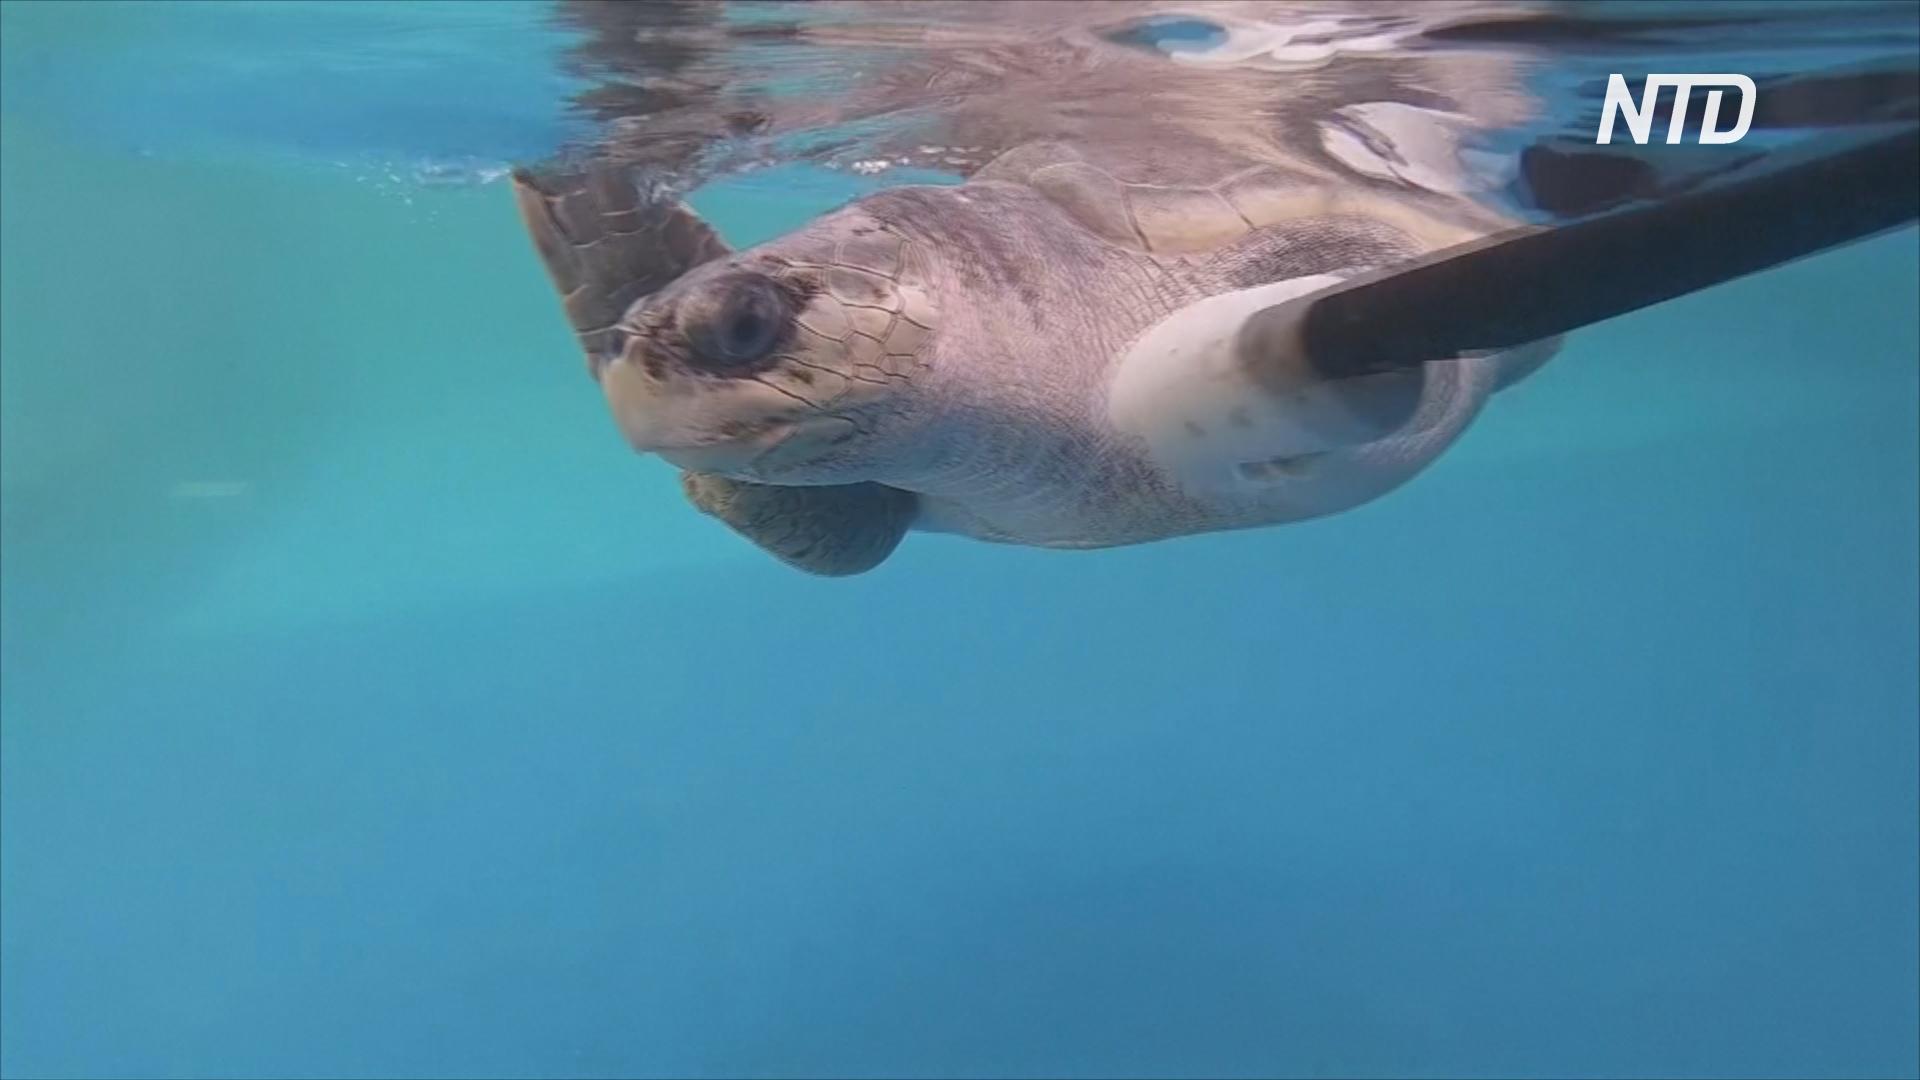 В Таиланде впервые создали искусственный ласт для черепахи